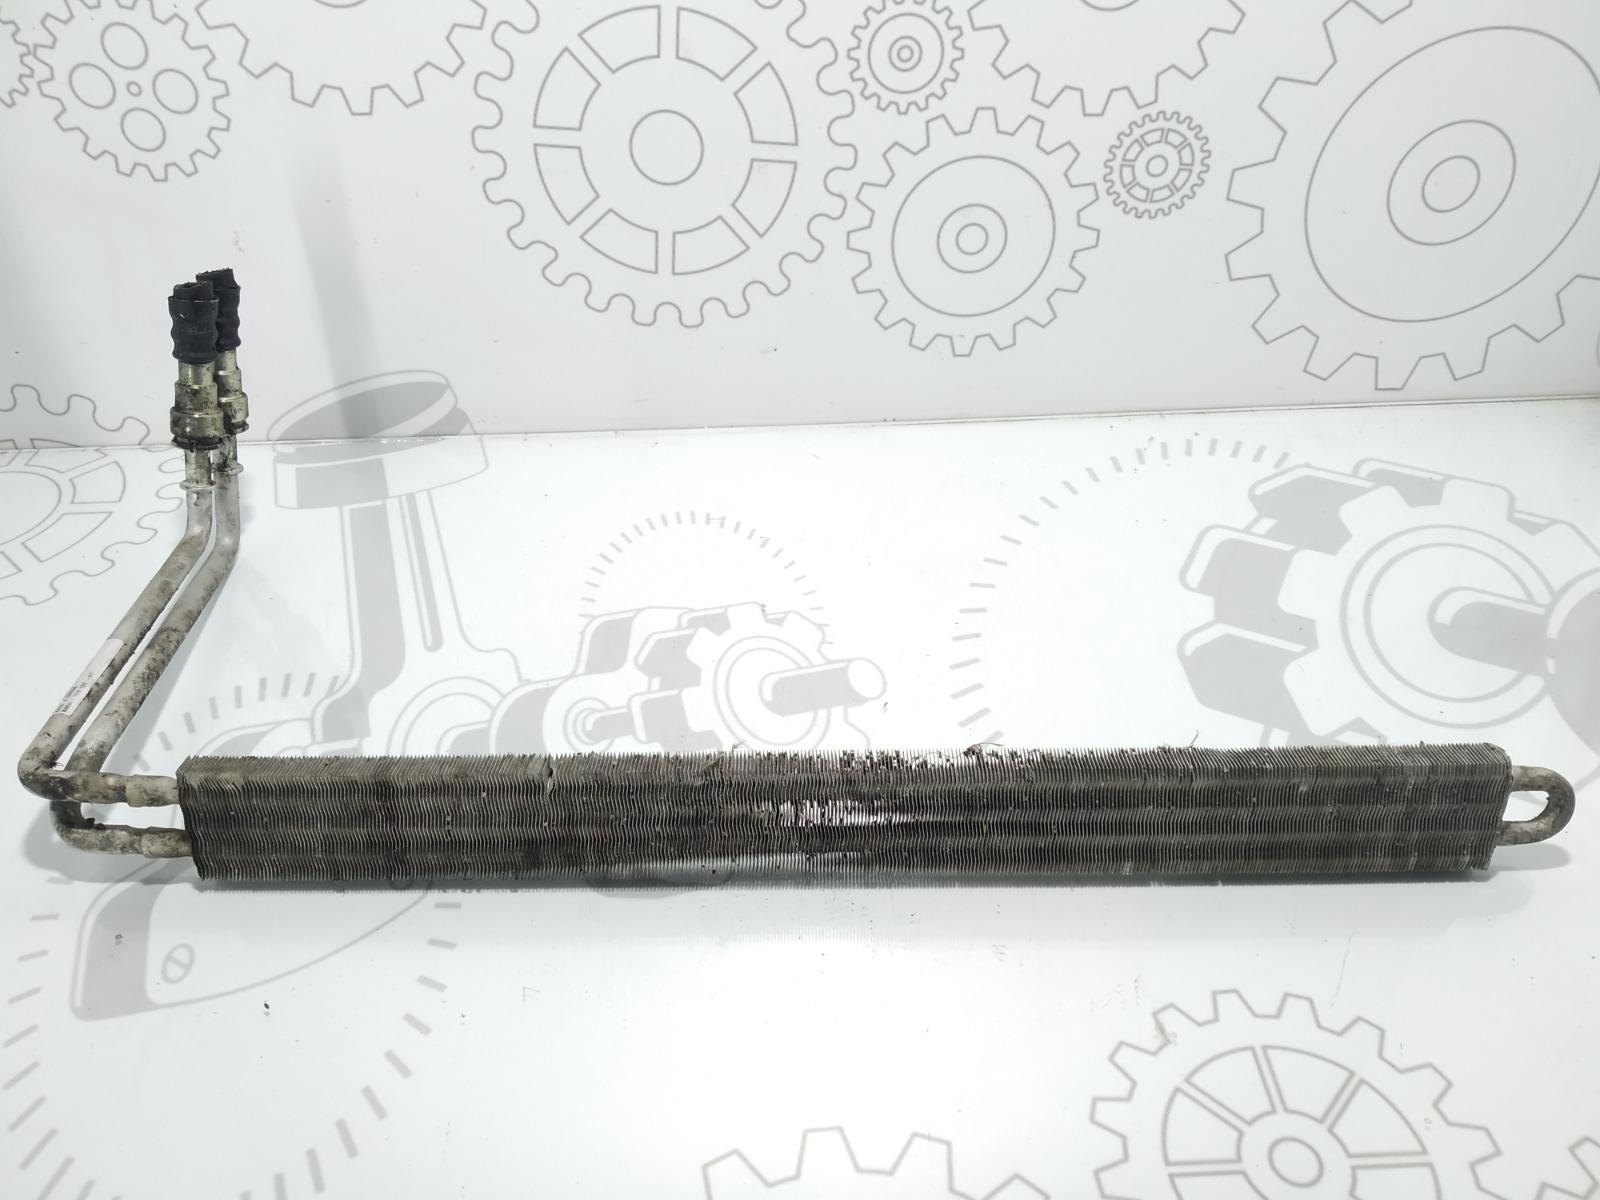 Радиатор гидроусилителя Bmw X5 E53 4.8 I 2005 (б/у)